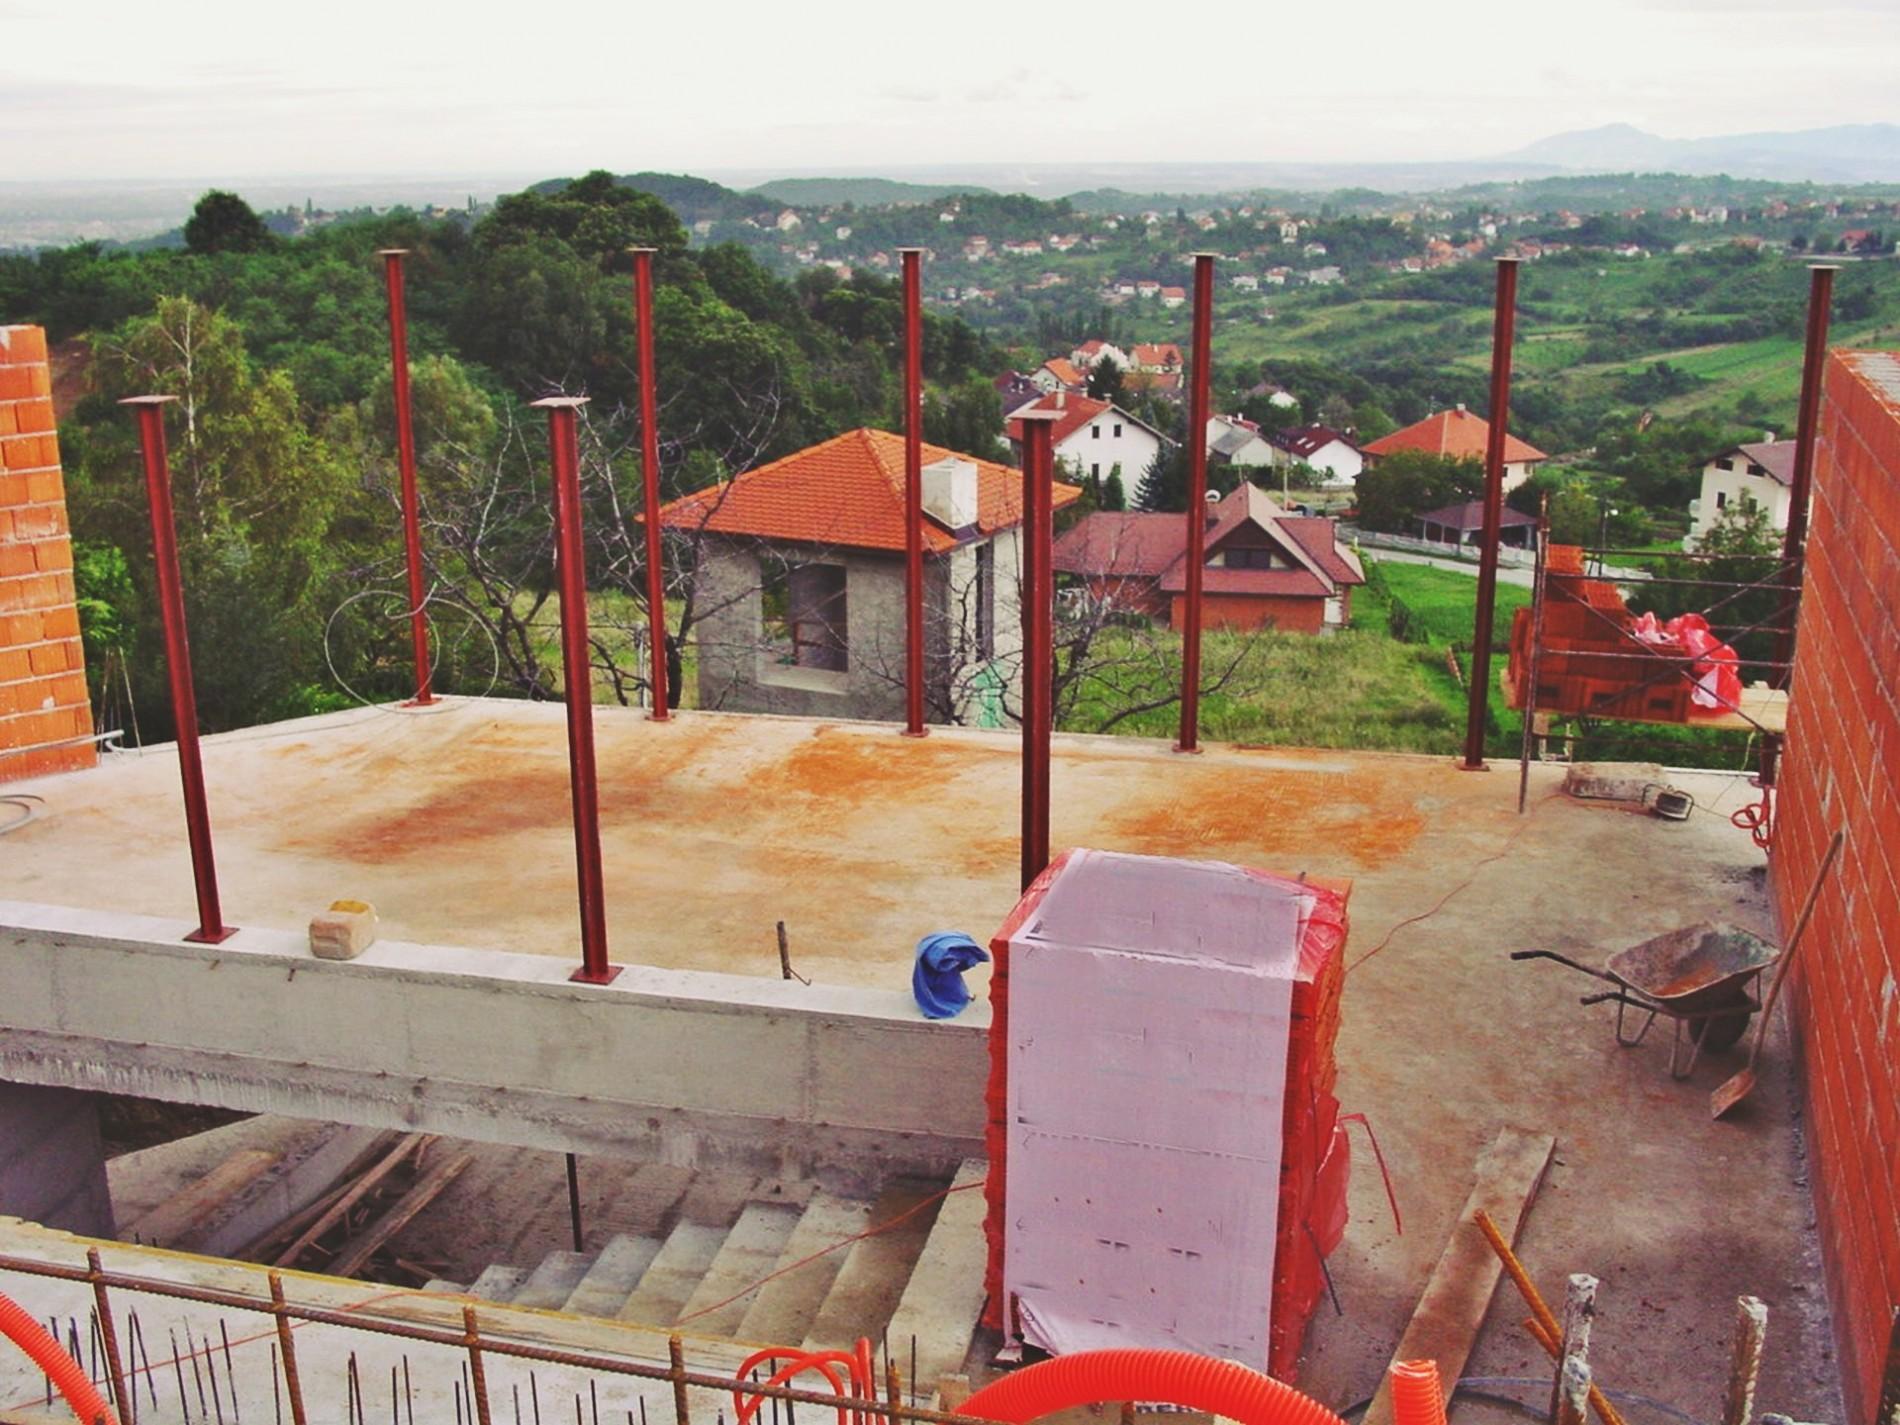 HOUSE J, house j, kuća j, kuća, j, jakobović, jakobovic, concrete, beton, structure, konstrukcija